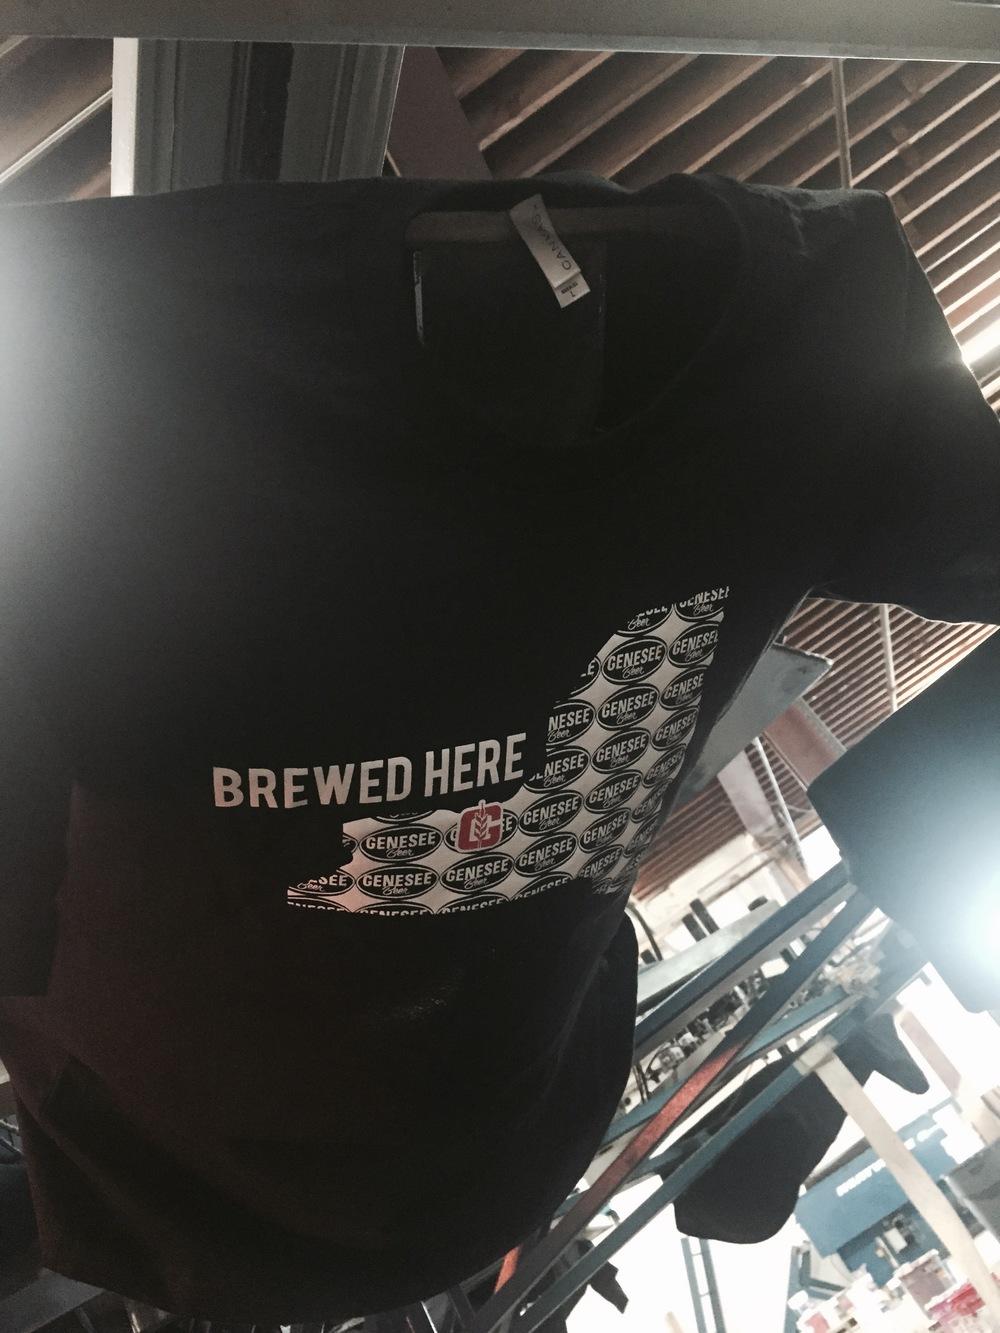 Genesee-brewedhere-Tshirt.jpg